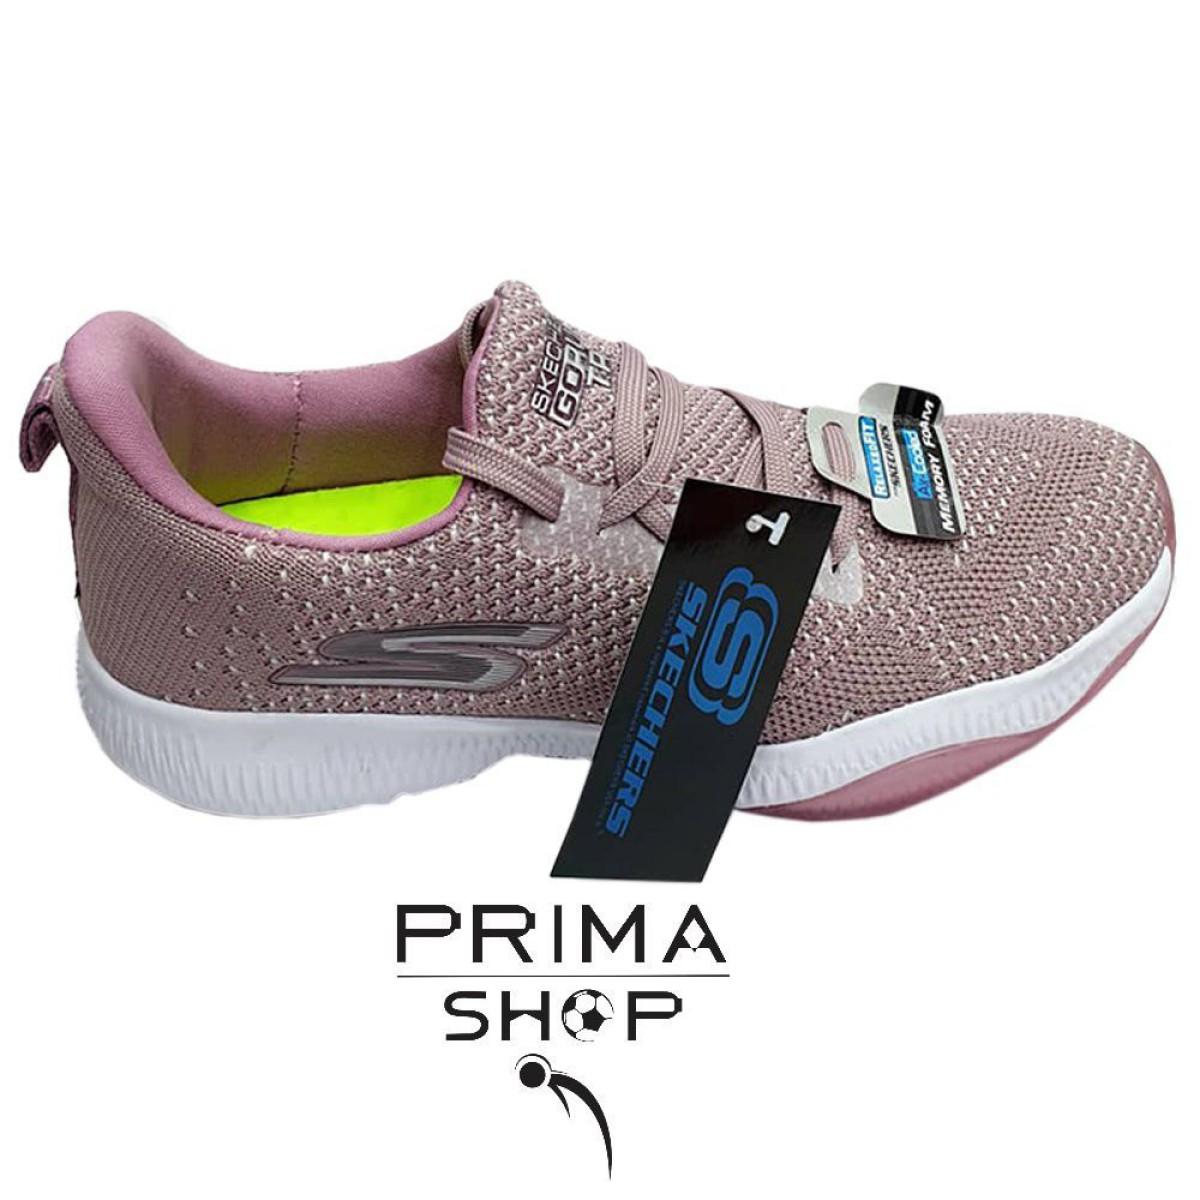 کفش اسپرت اسکیچرز زنانه کد 14 (های کپی)